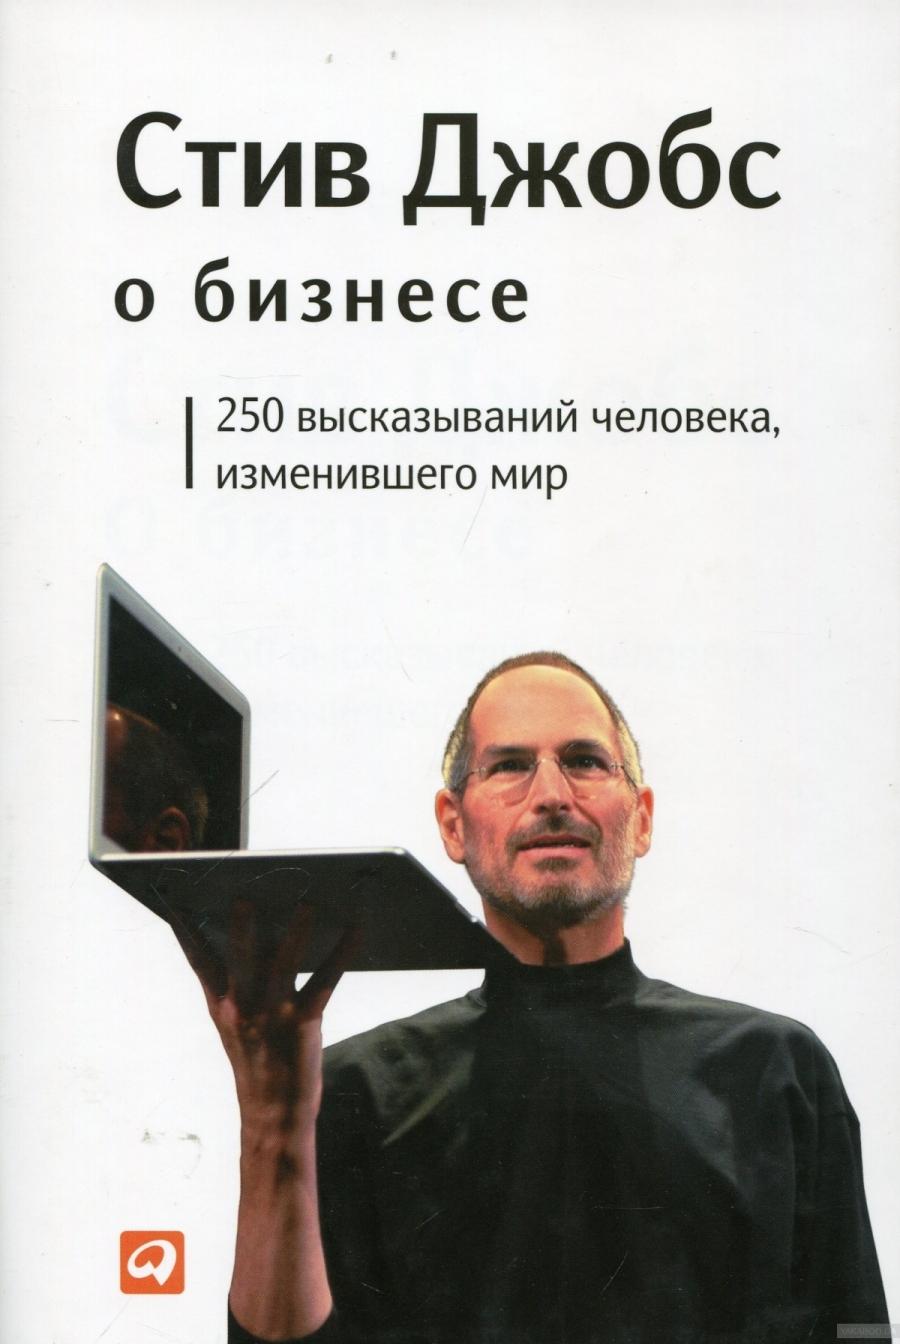 Обложка книги:  джобс с. - стив джобс о бизнесе. 250 высказываний человека, изменившего мир